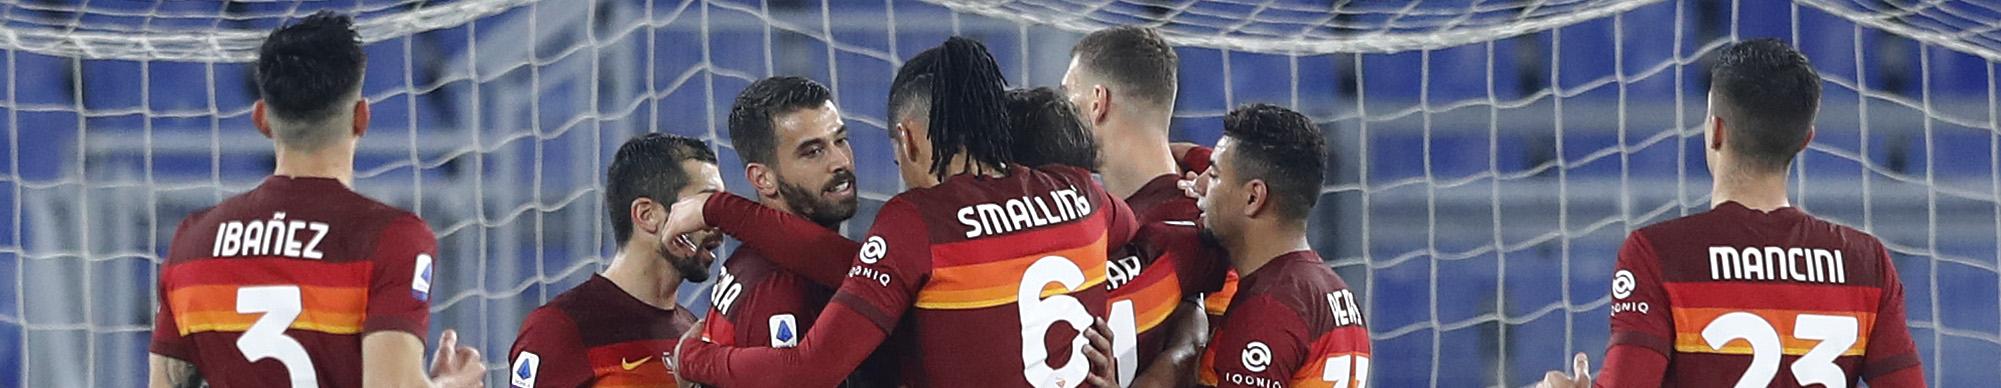 Torino-Roma: i granata cercano la salvezza, i giallorossi sognano la Champions